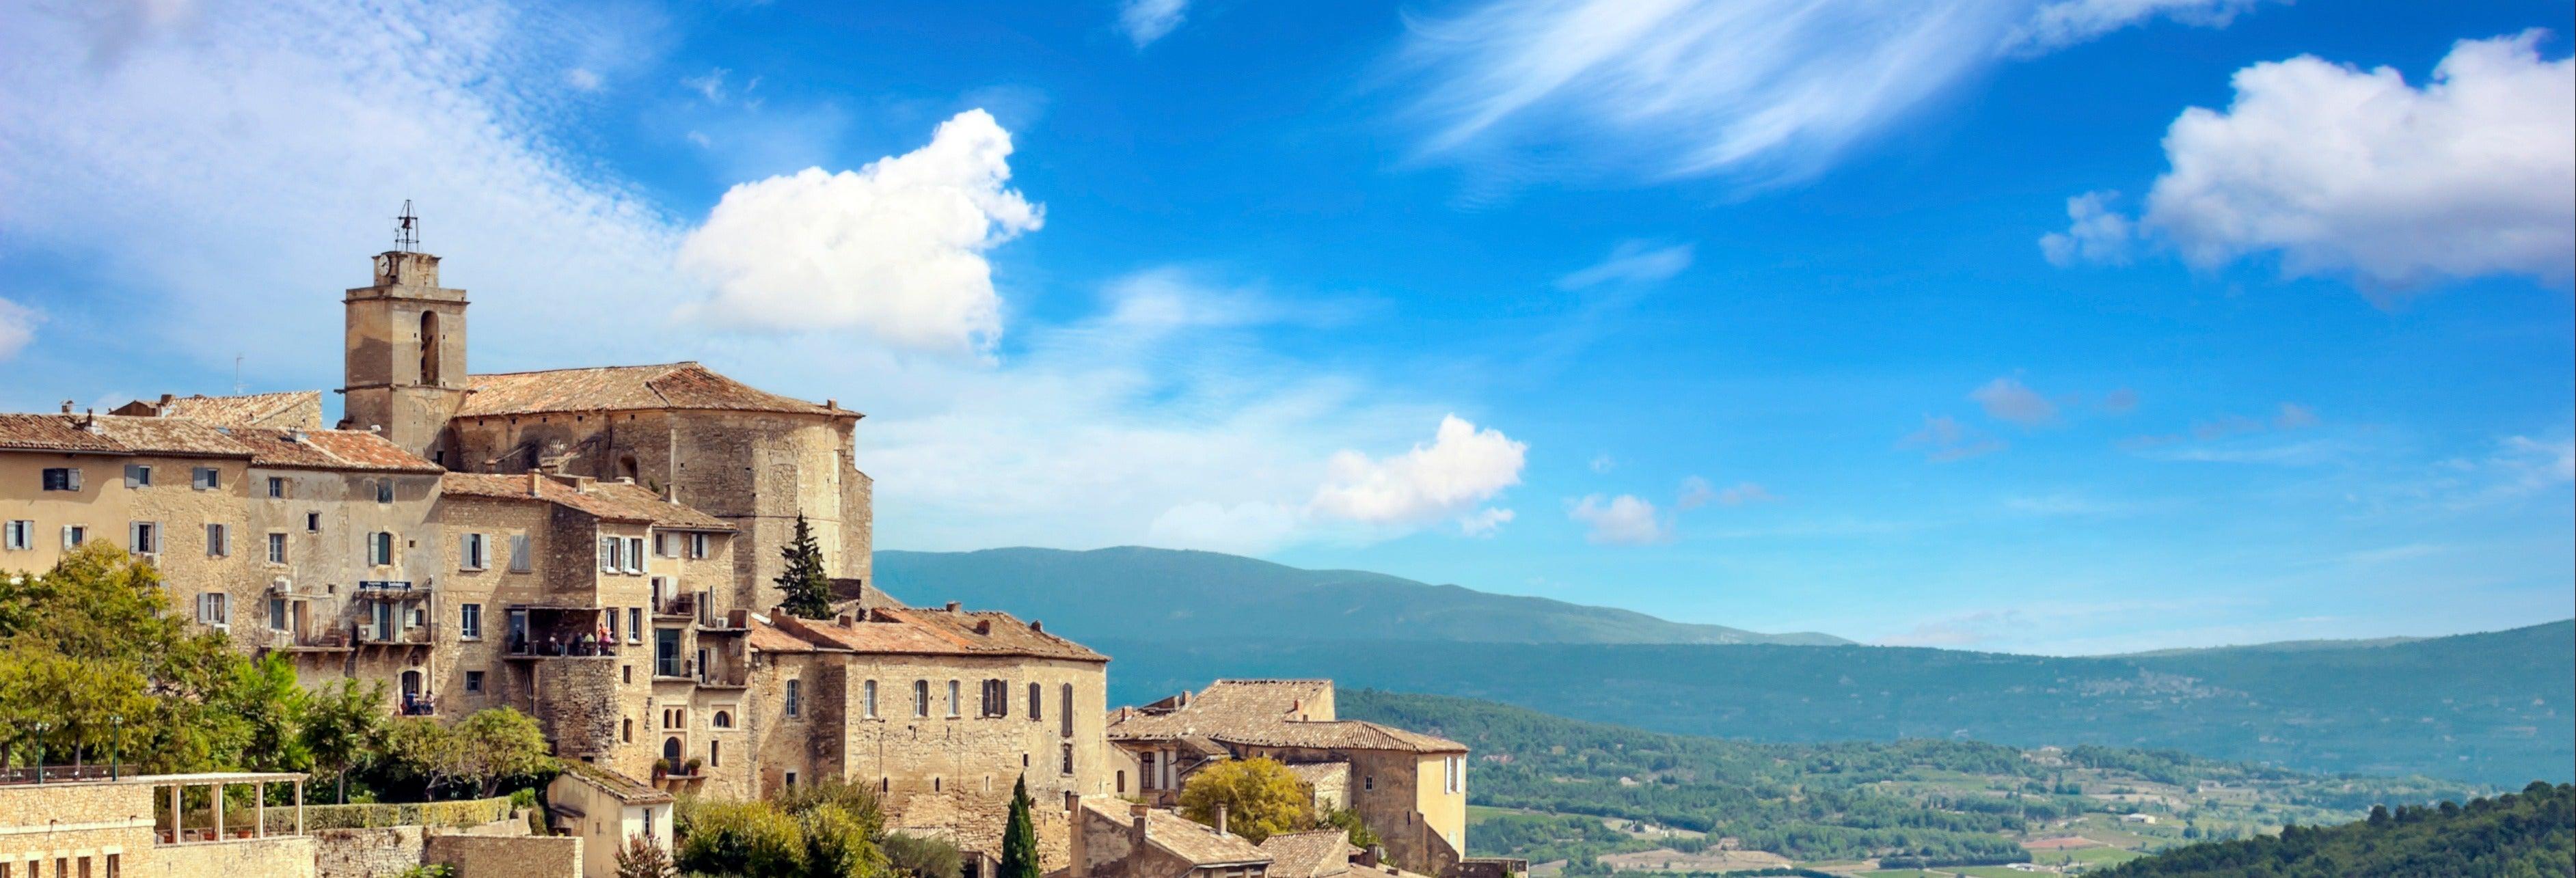 Excursión a Gordes, Roussillon y Fontaine de Vaucluse